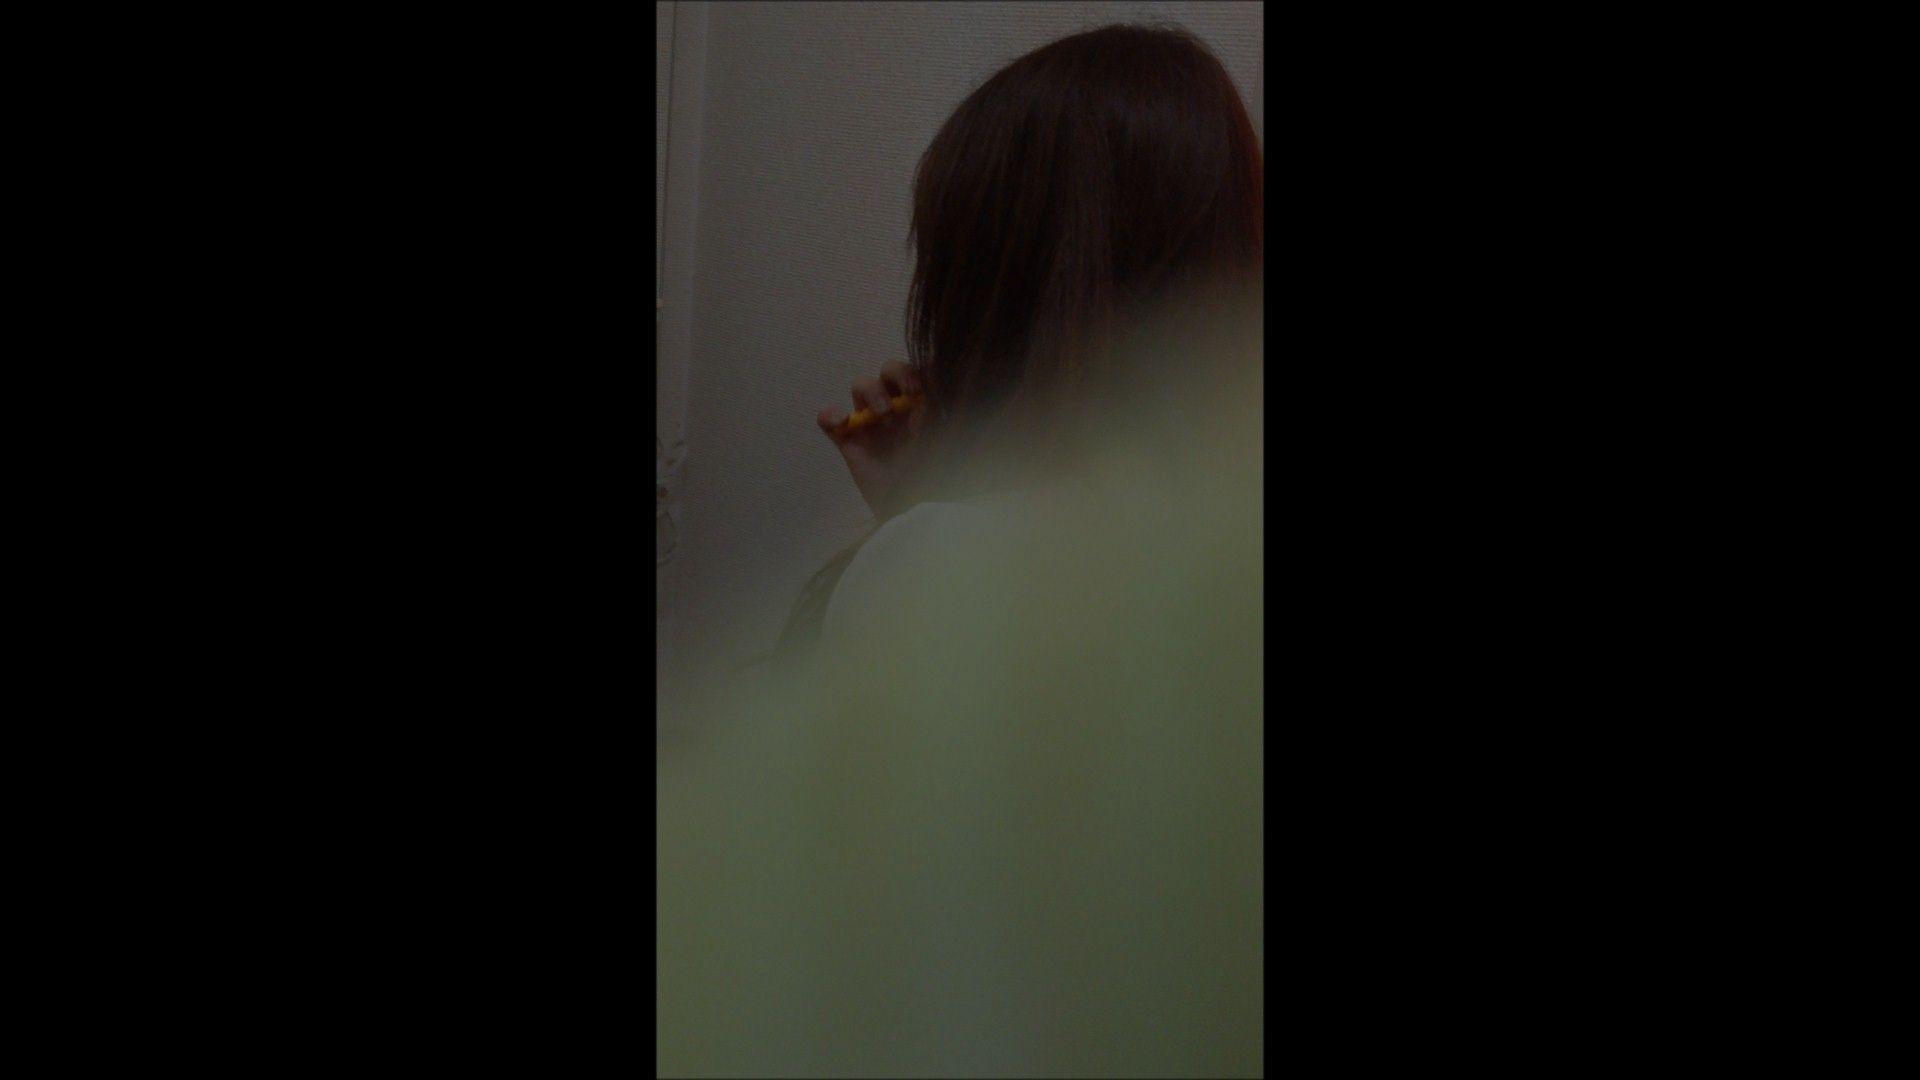 08(8日目)メイク中の彼女の顔を撮りました! マンコ特集 | オマンコ丸見え  59連発 12